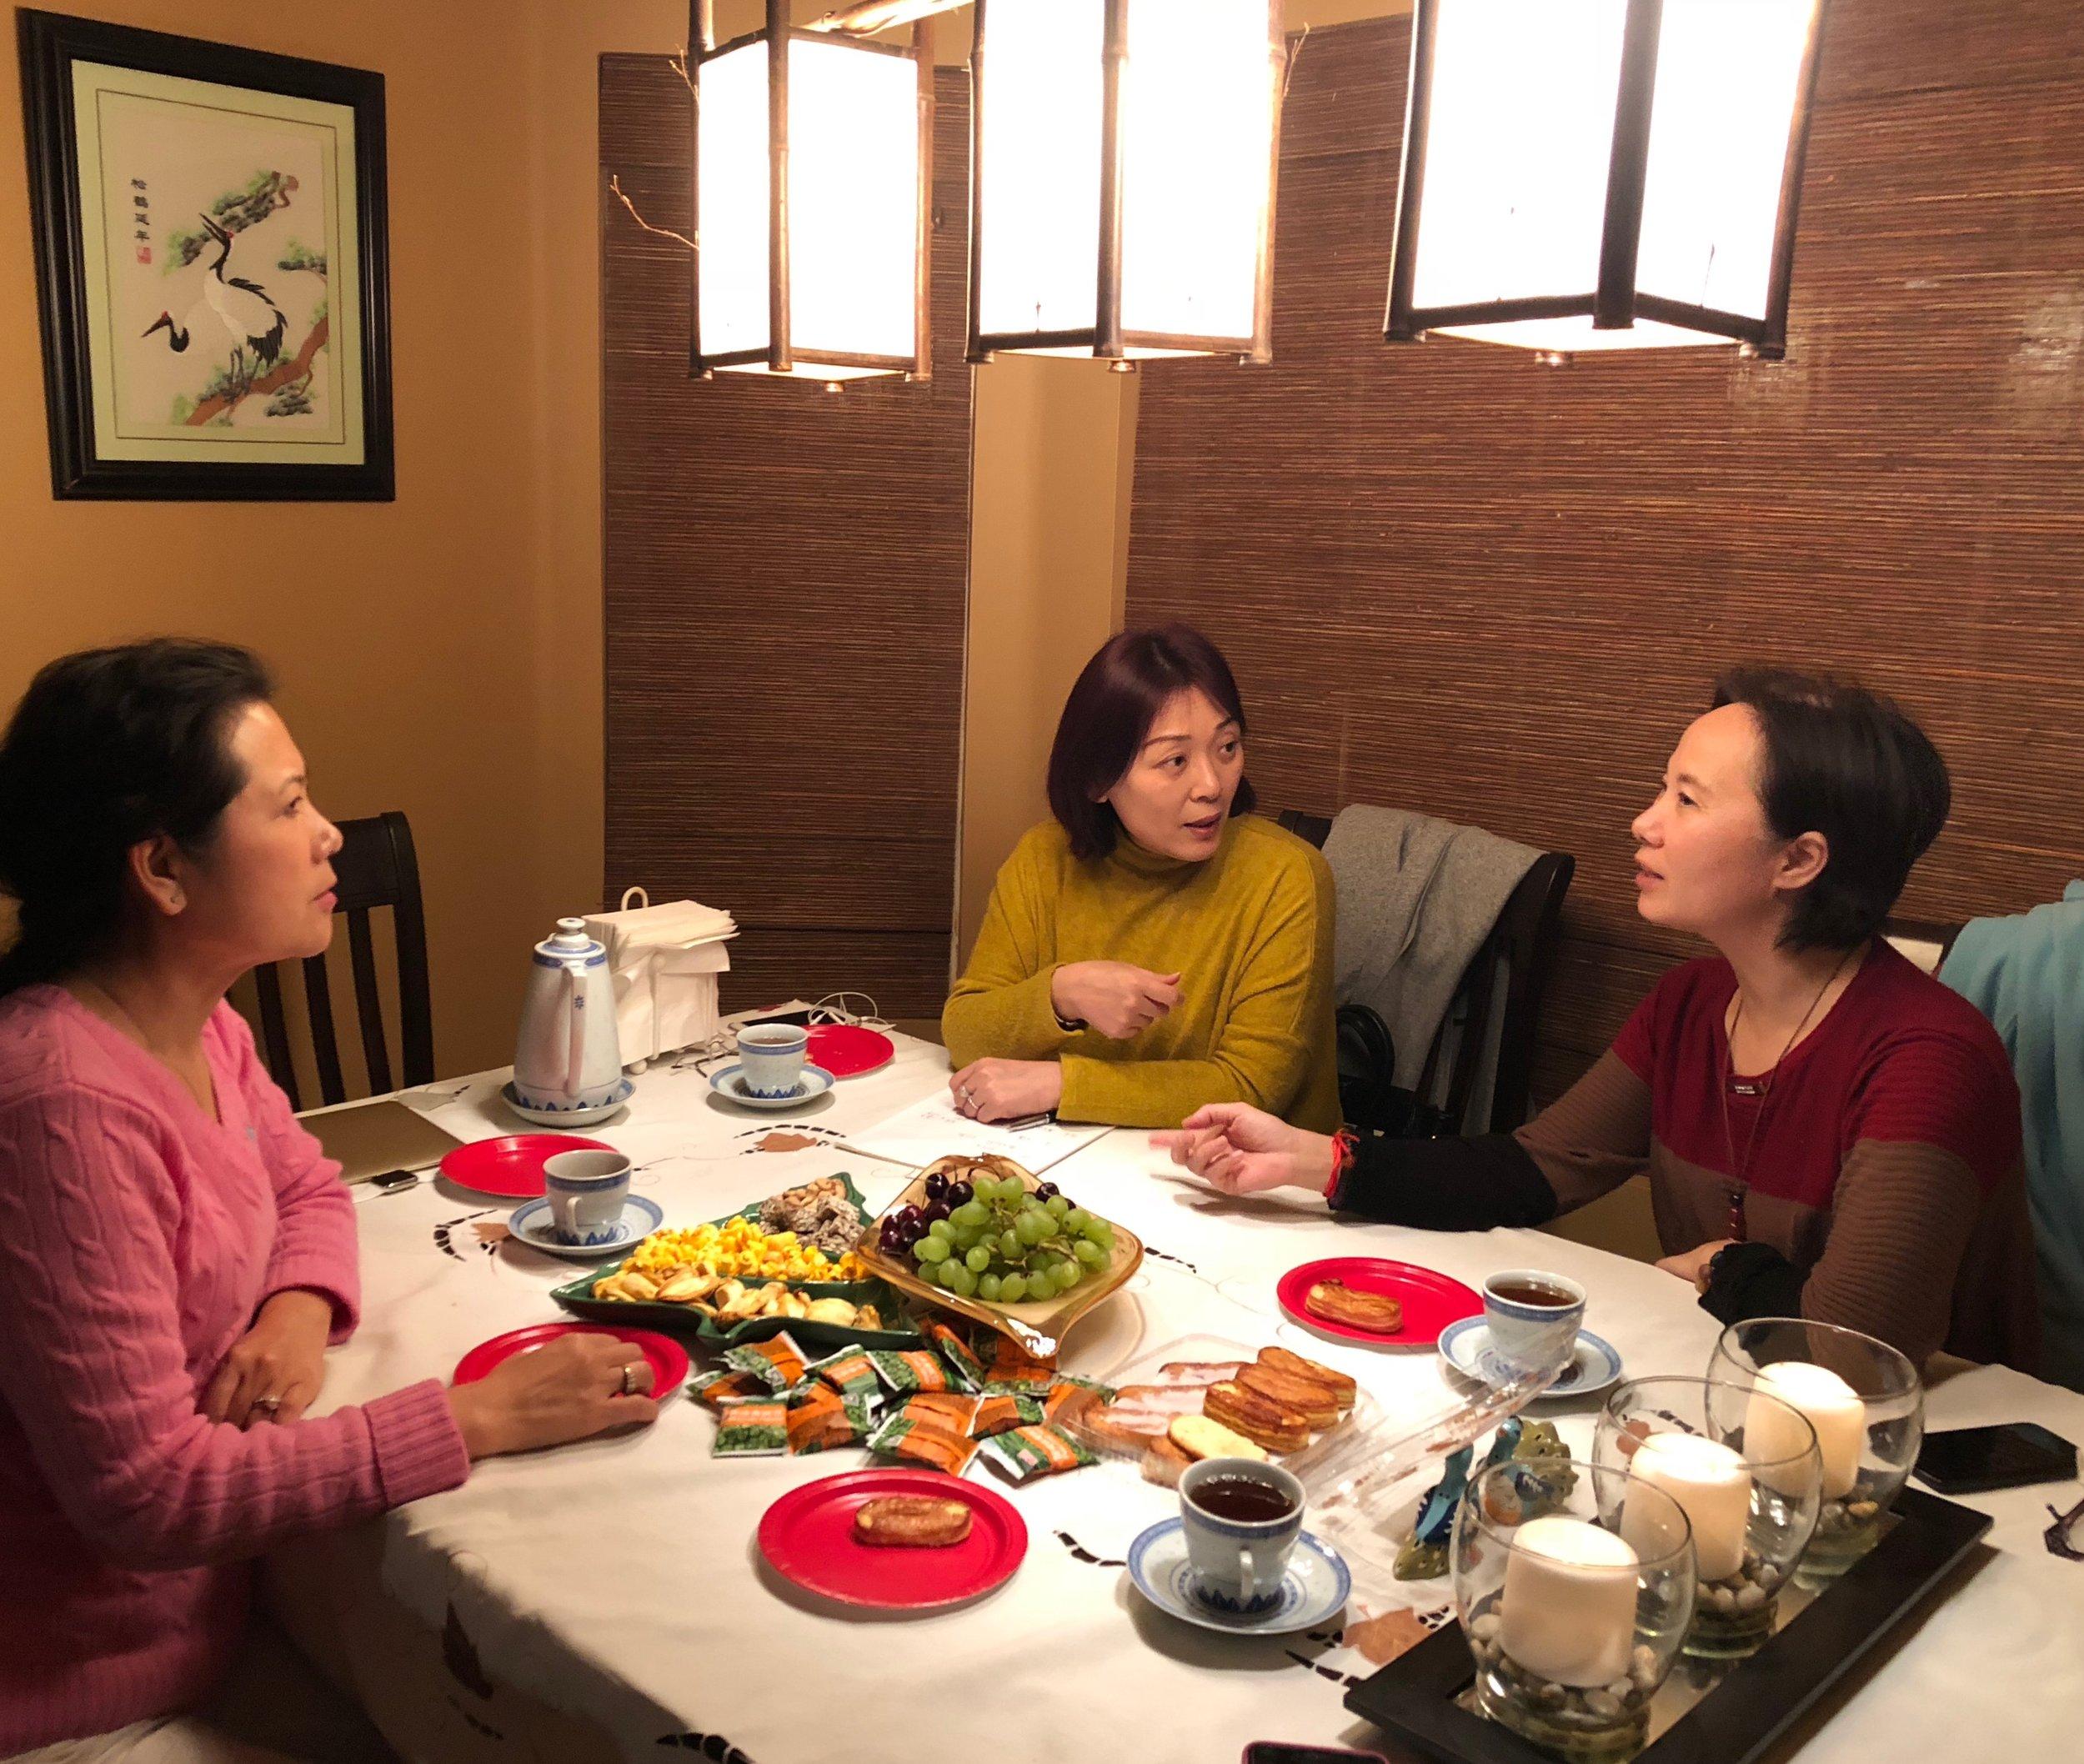 左起:主席李岘、主编李丹、主播郭炆艳